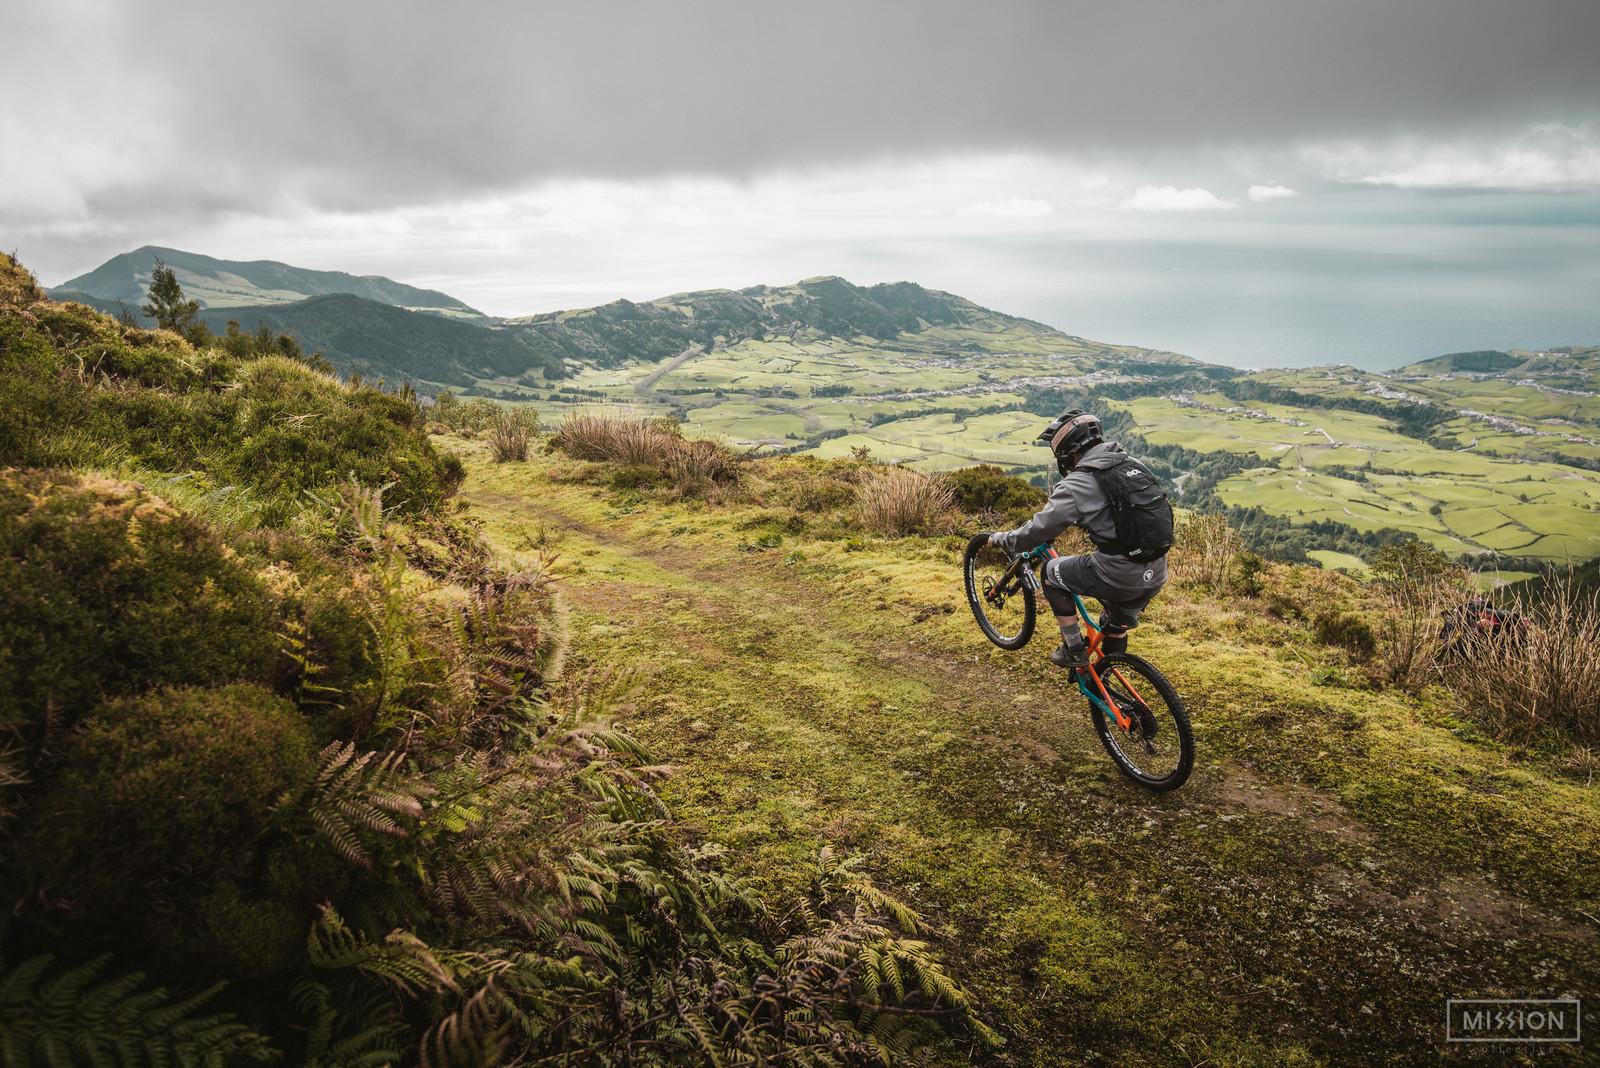 Azores Enduro Fest 2019: Practice Report